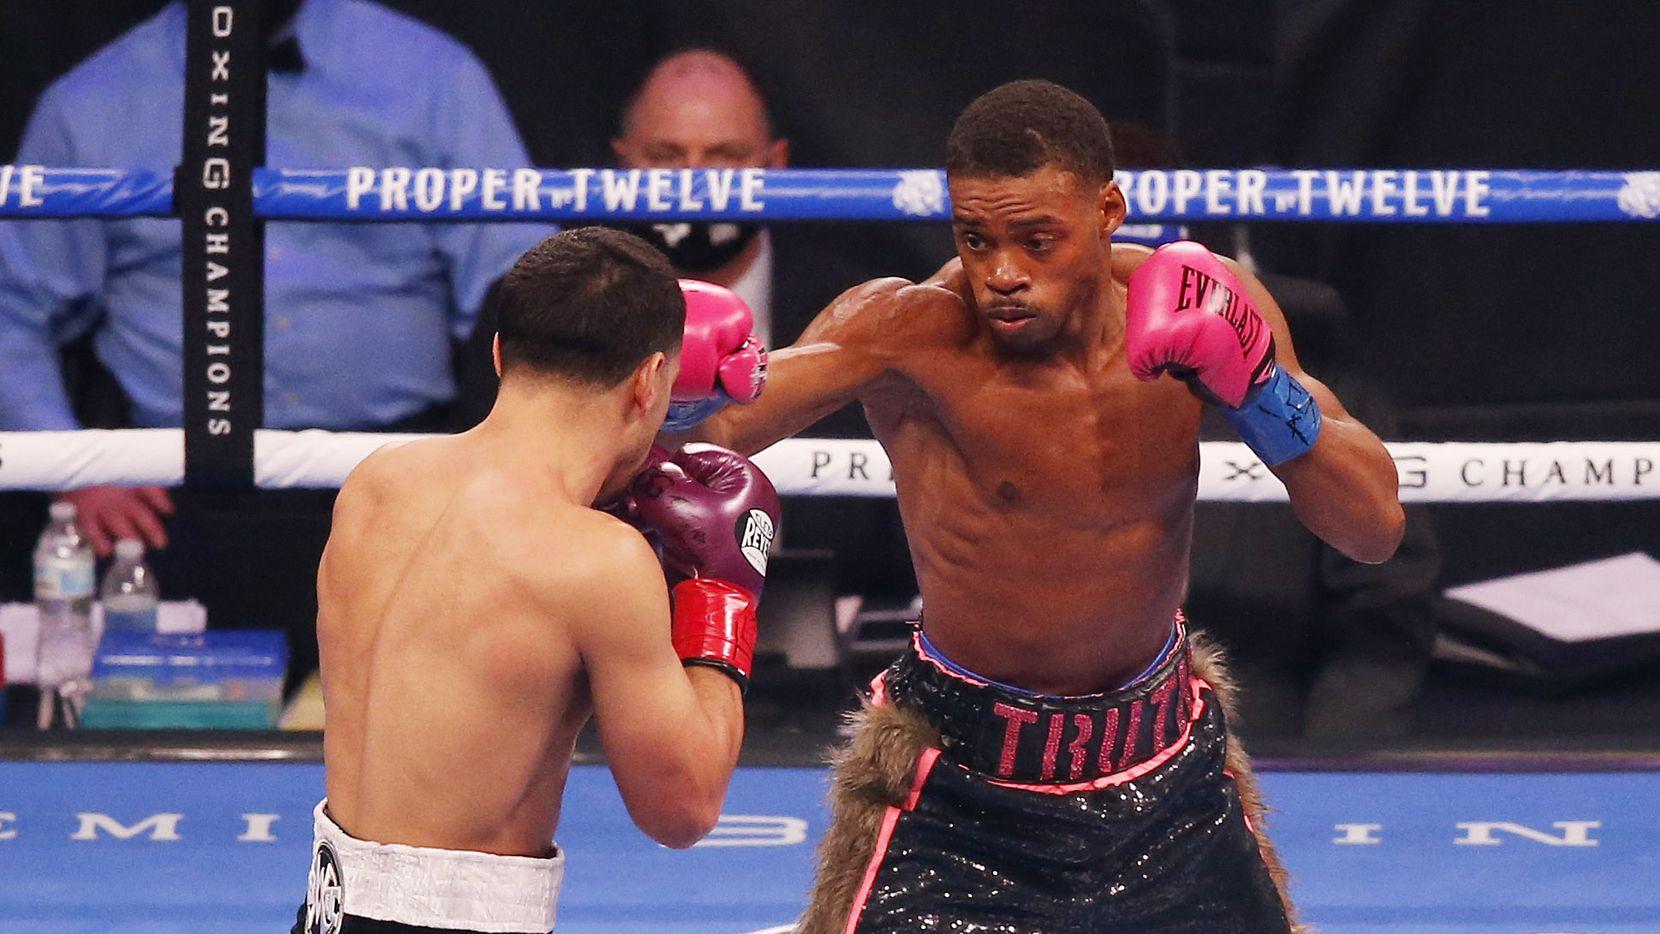 Errol Spence, Jr. (der) y Danny García pelean durante un combate de boxeo del Campeonato Mundial de peso welter  en el AT&T Stadium, el sábado 5 de diciembre de 2020 en Arlington, Texas. (Vernon Bryant / The Dallas Morning News)